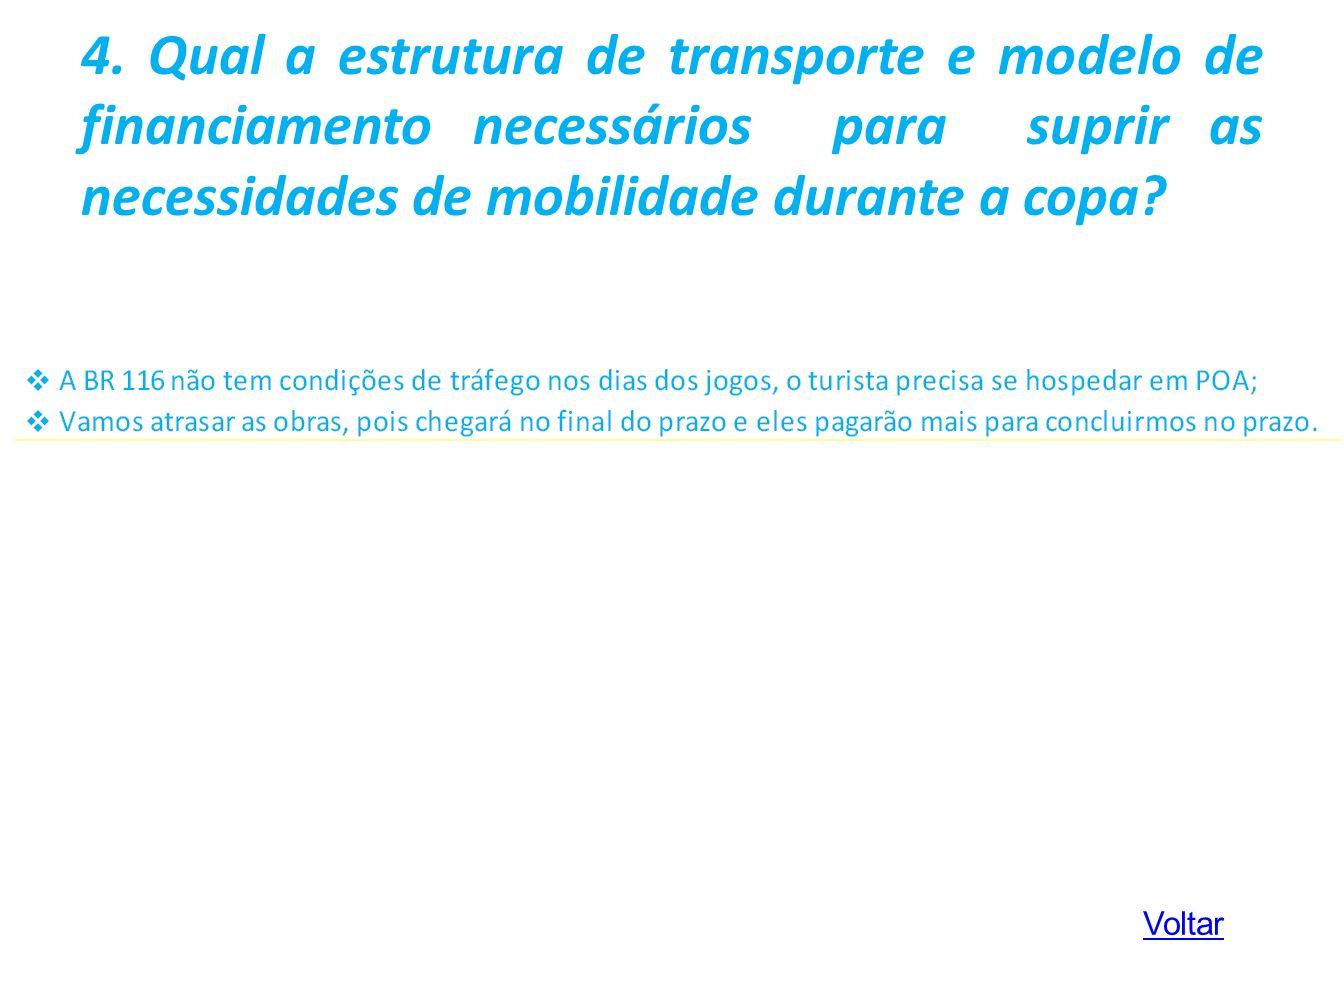 4. Qual a estrutura de transporte e modelo de financiamento necessários para suprir as necessidades de mobilidade durante a copa? Voltar